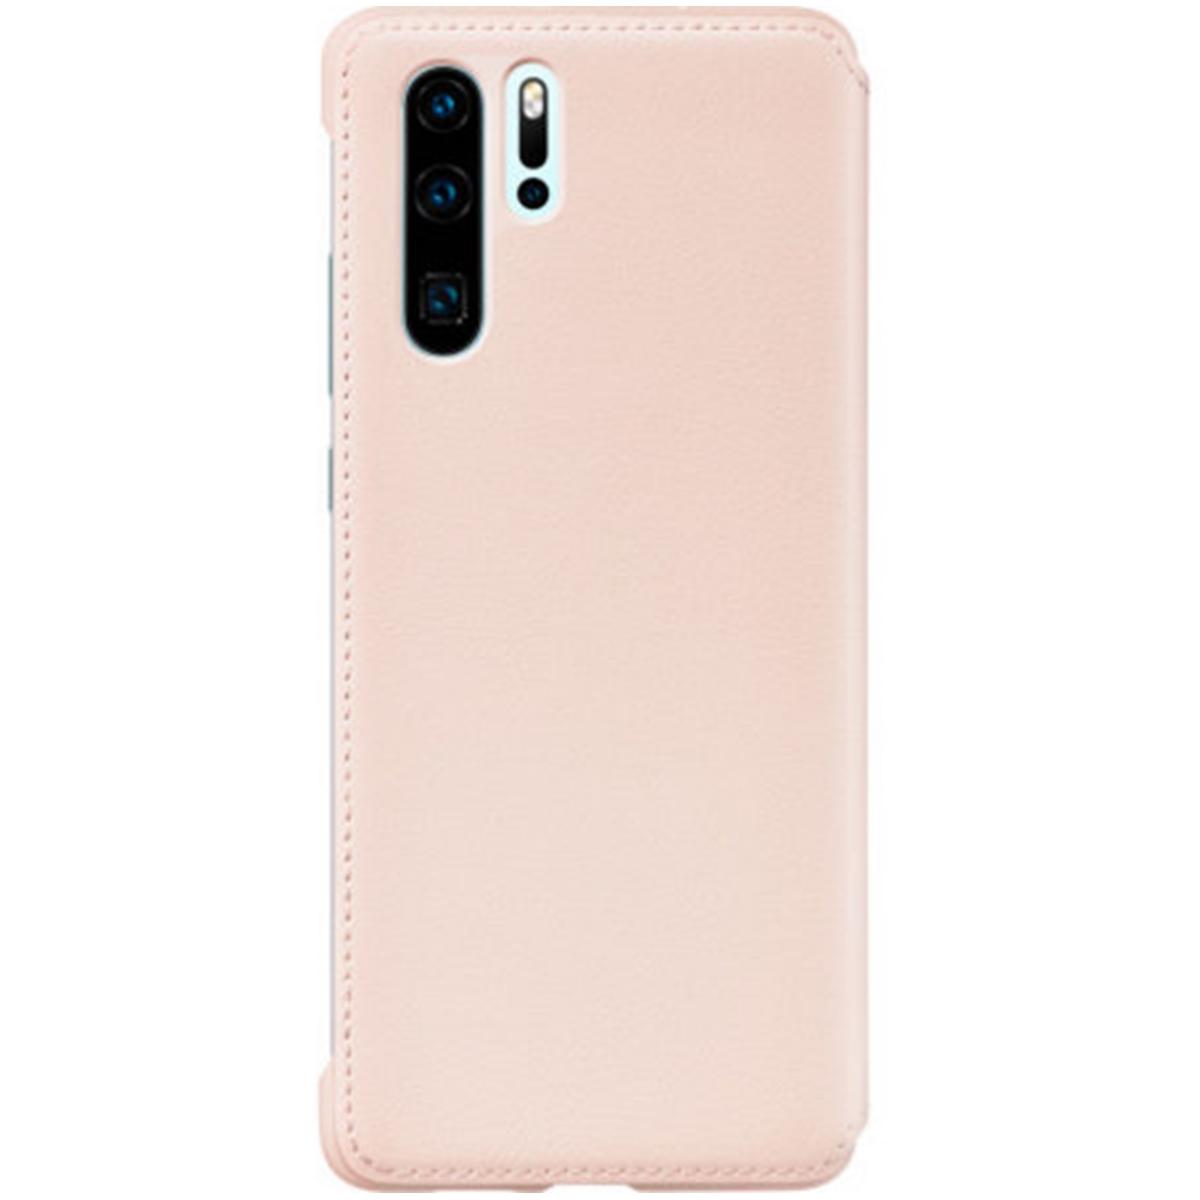 Husa Huawei Flip Wallet Cover pentru Huawei P30 Pro Pink